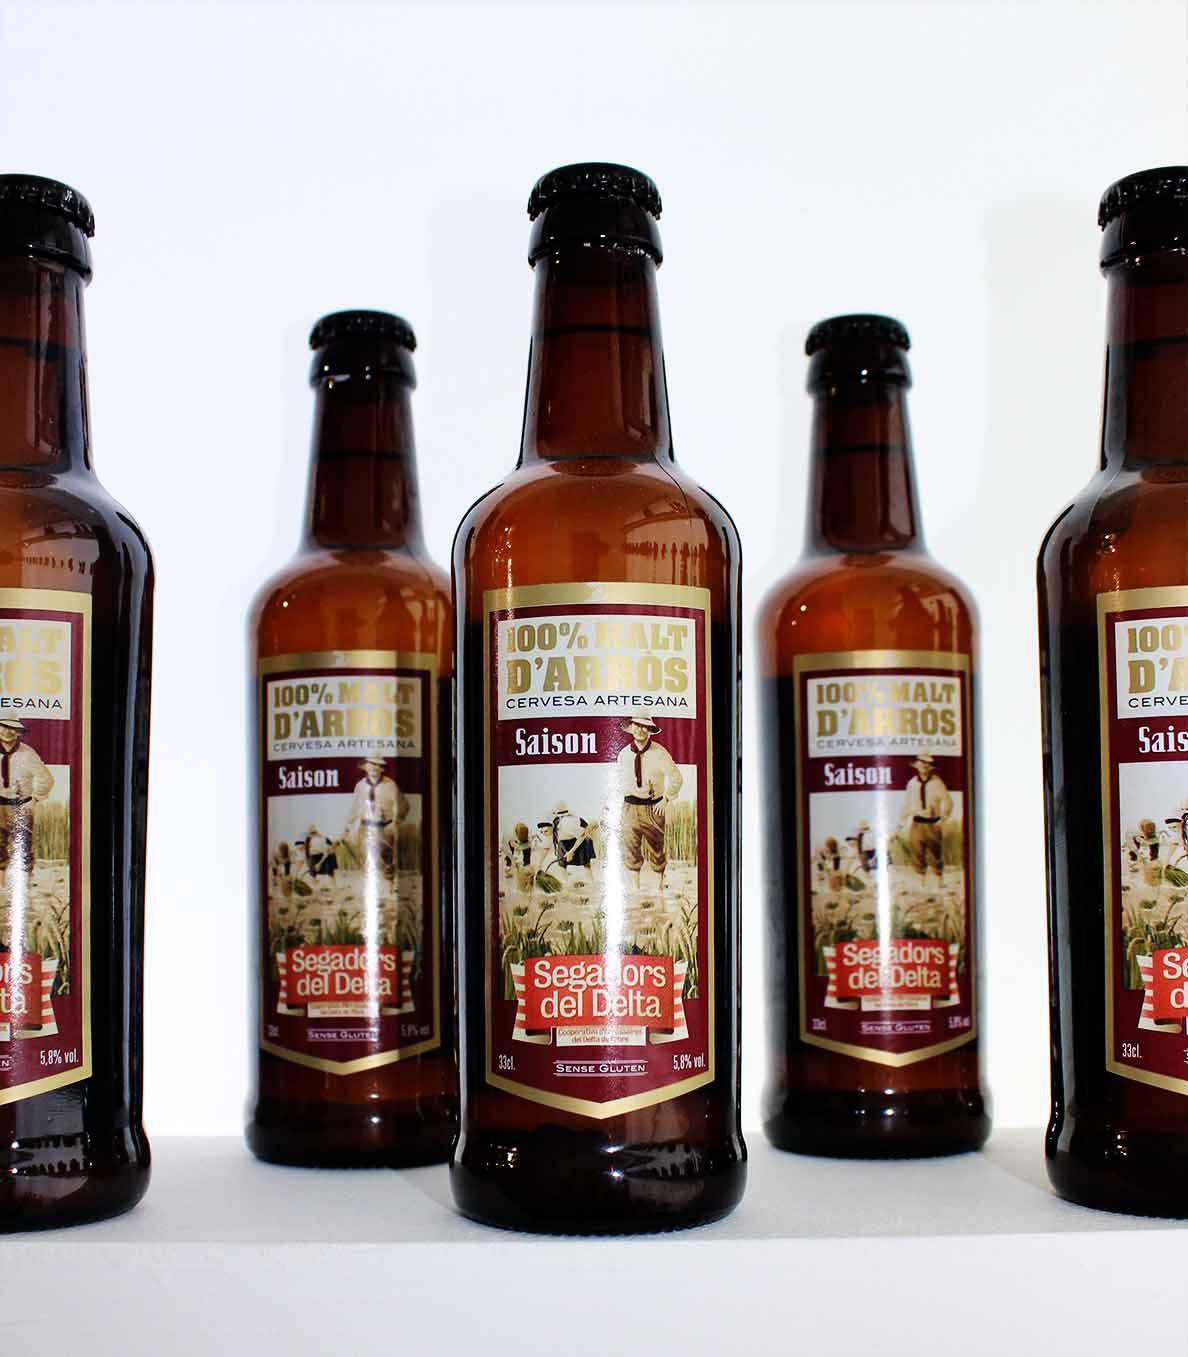 Preguntas y respuestas sobre la primera cerveza de malta de arroz de la historia